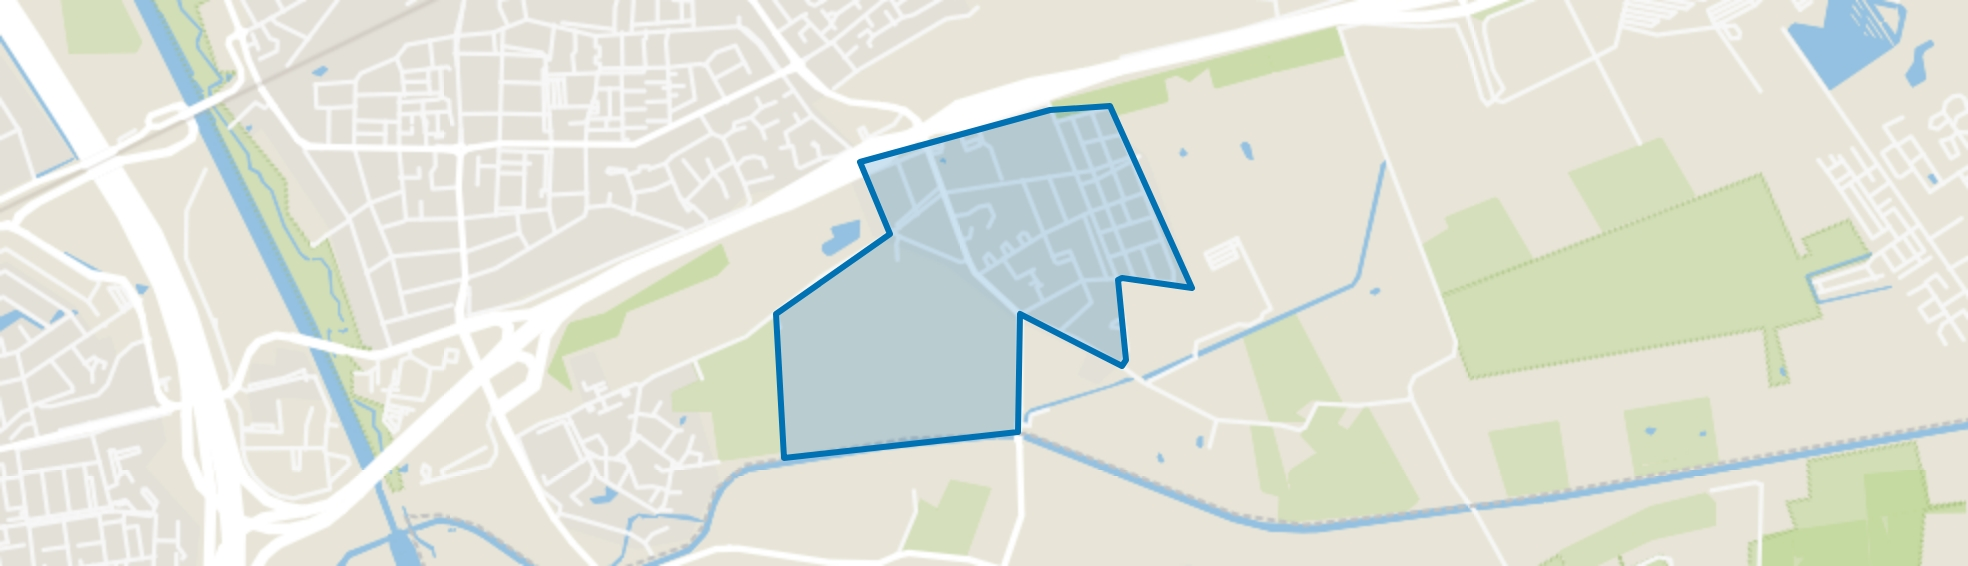 Maliskamp-Oost, Rosmalen map